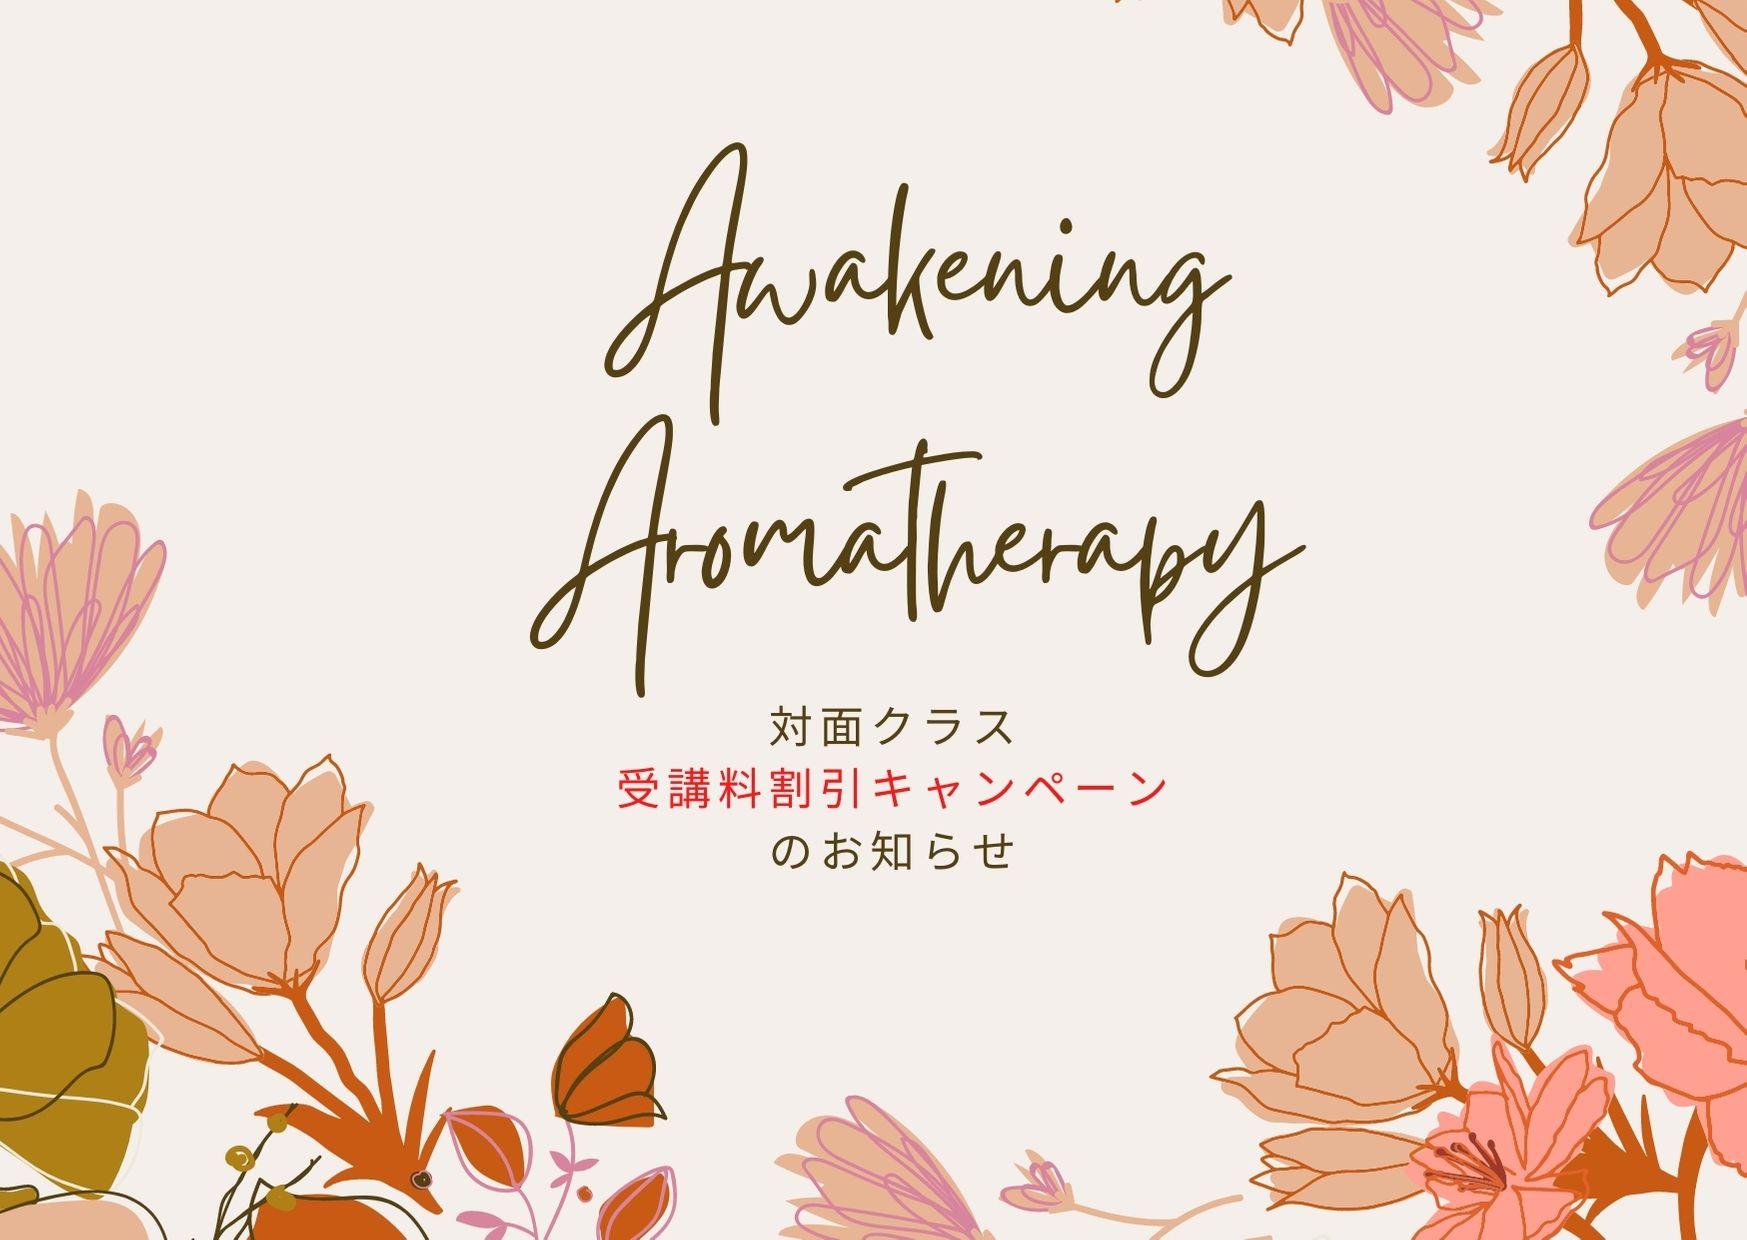 Awakening Aromatherapy® 受講料割引キャンペーン実施中です!